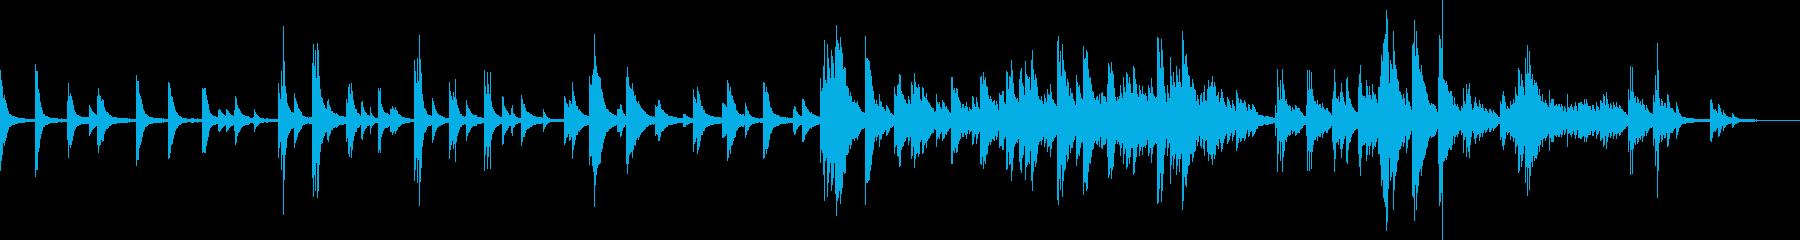 喪失(ピアノバラード・切ない・悲しい)の再生済みの波形